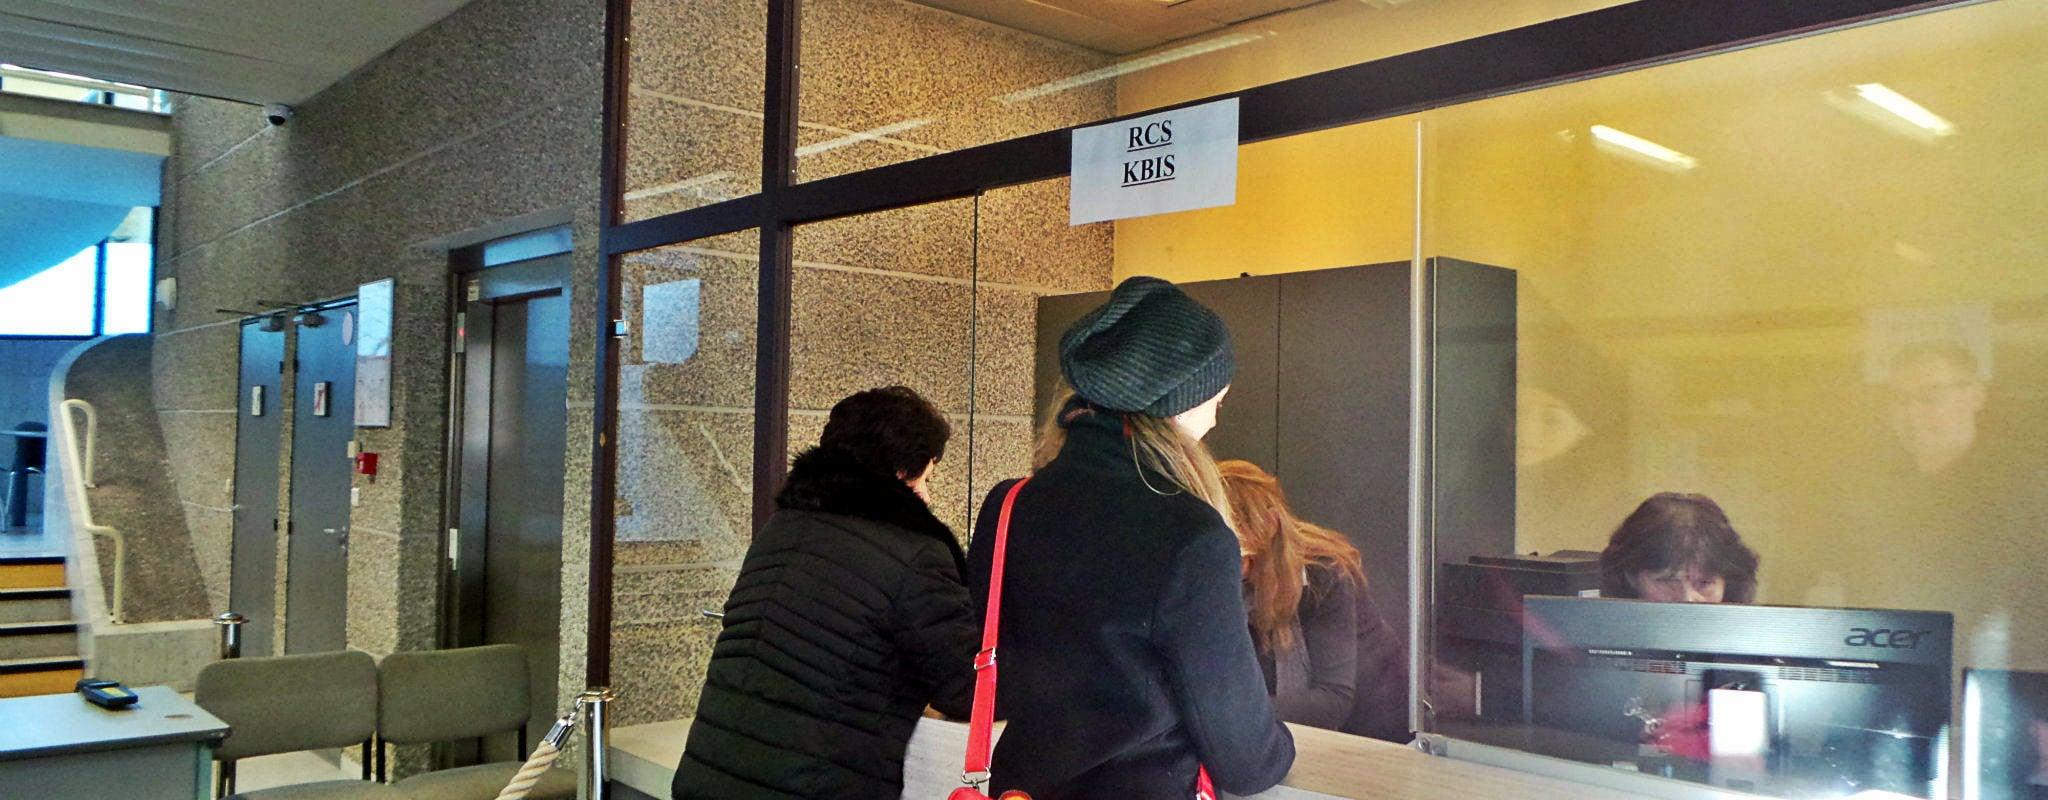 Extraits Kbis : pourquoi l'Alsace est toujours à l'âge de papier